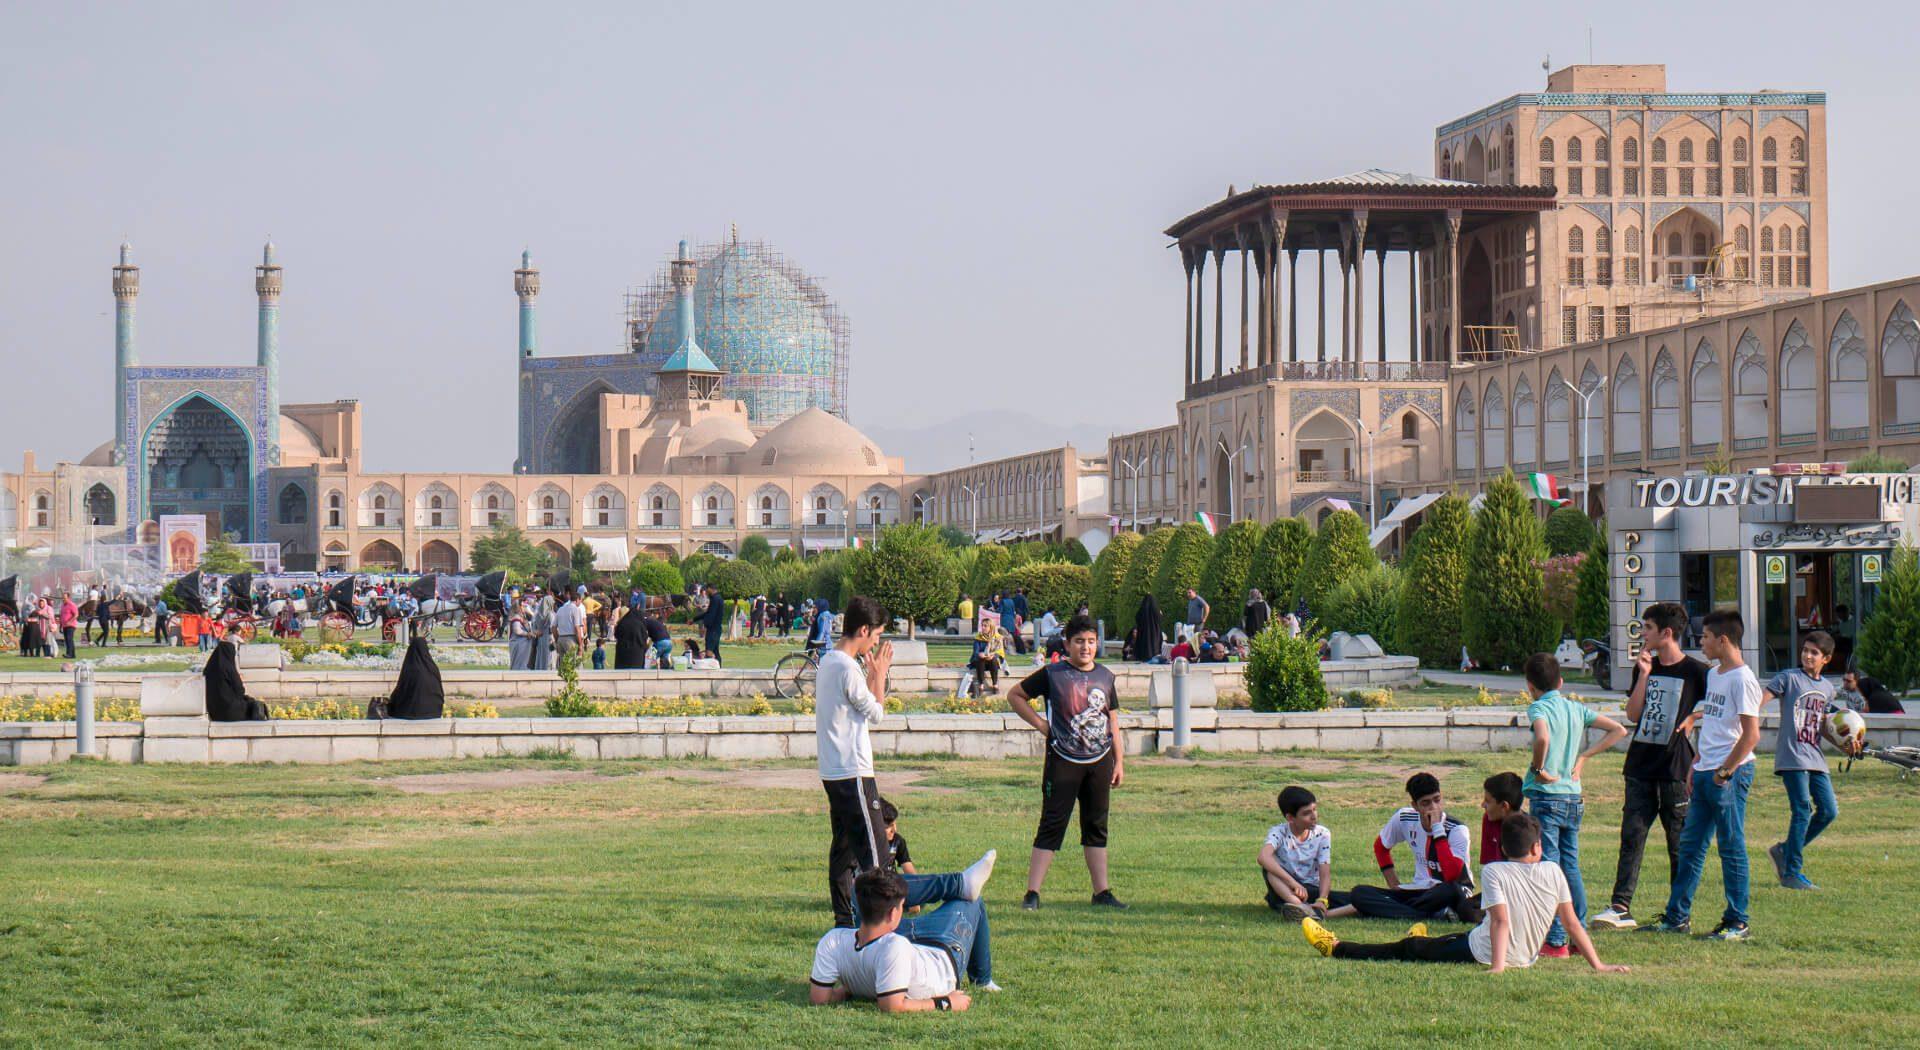 Iran - co trzeba wiedzieć przed wyjazdem? Informacje praktyczne